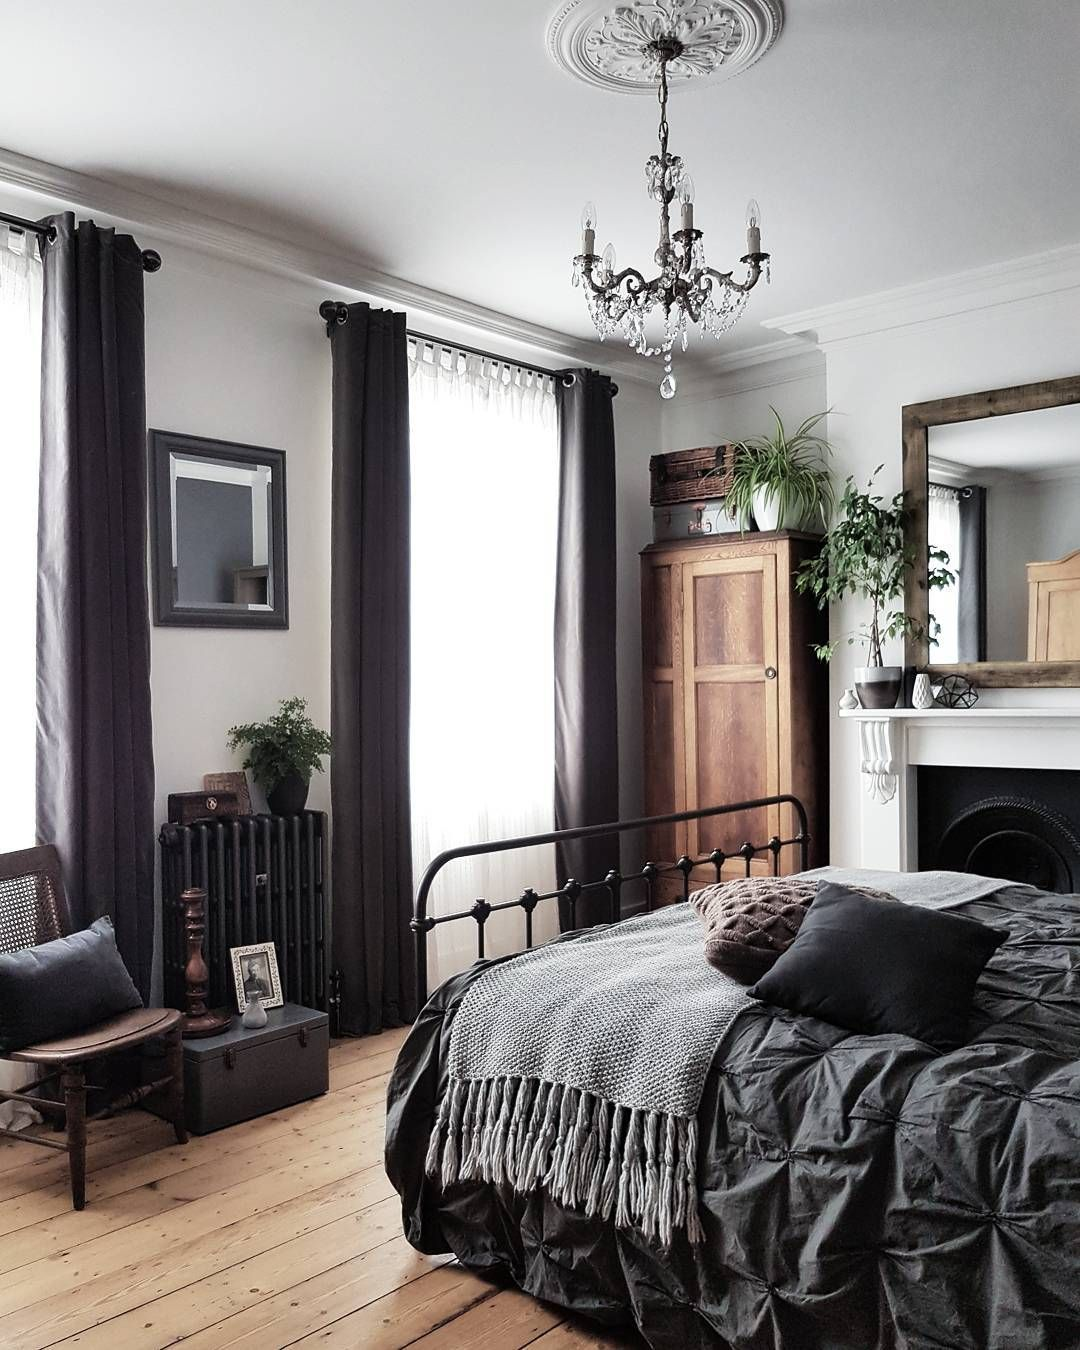 schlafzimmer schlafzimmer pinterest schlafzimmer. Black Bedroom Furniture Sets. Home Design Ideas